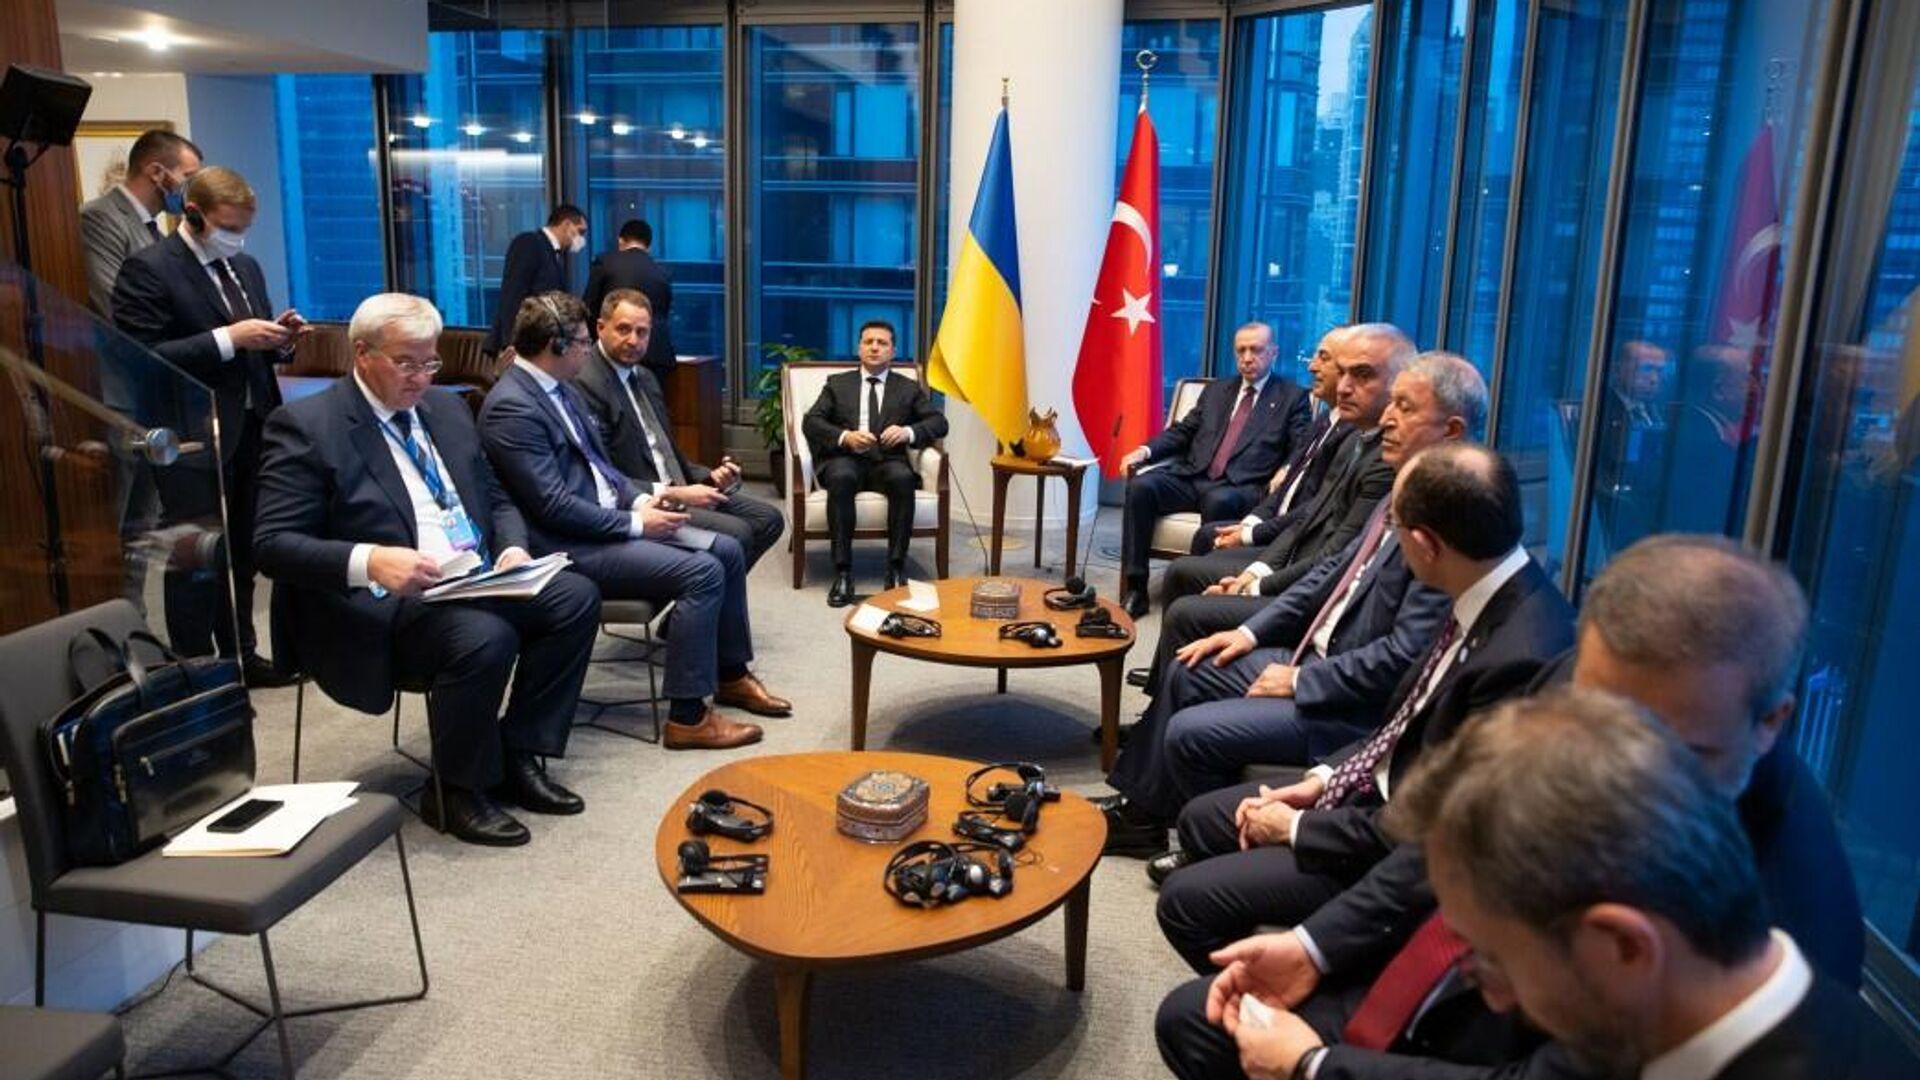 Президент Украины Владимир Зеленский и президент Турции Тайип Эрдоган во время встречи в Нью-Йорке - РИА Новости, 1920, 30.09.2021